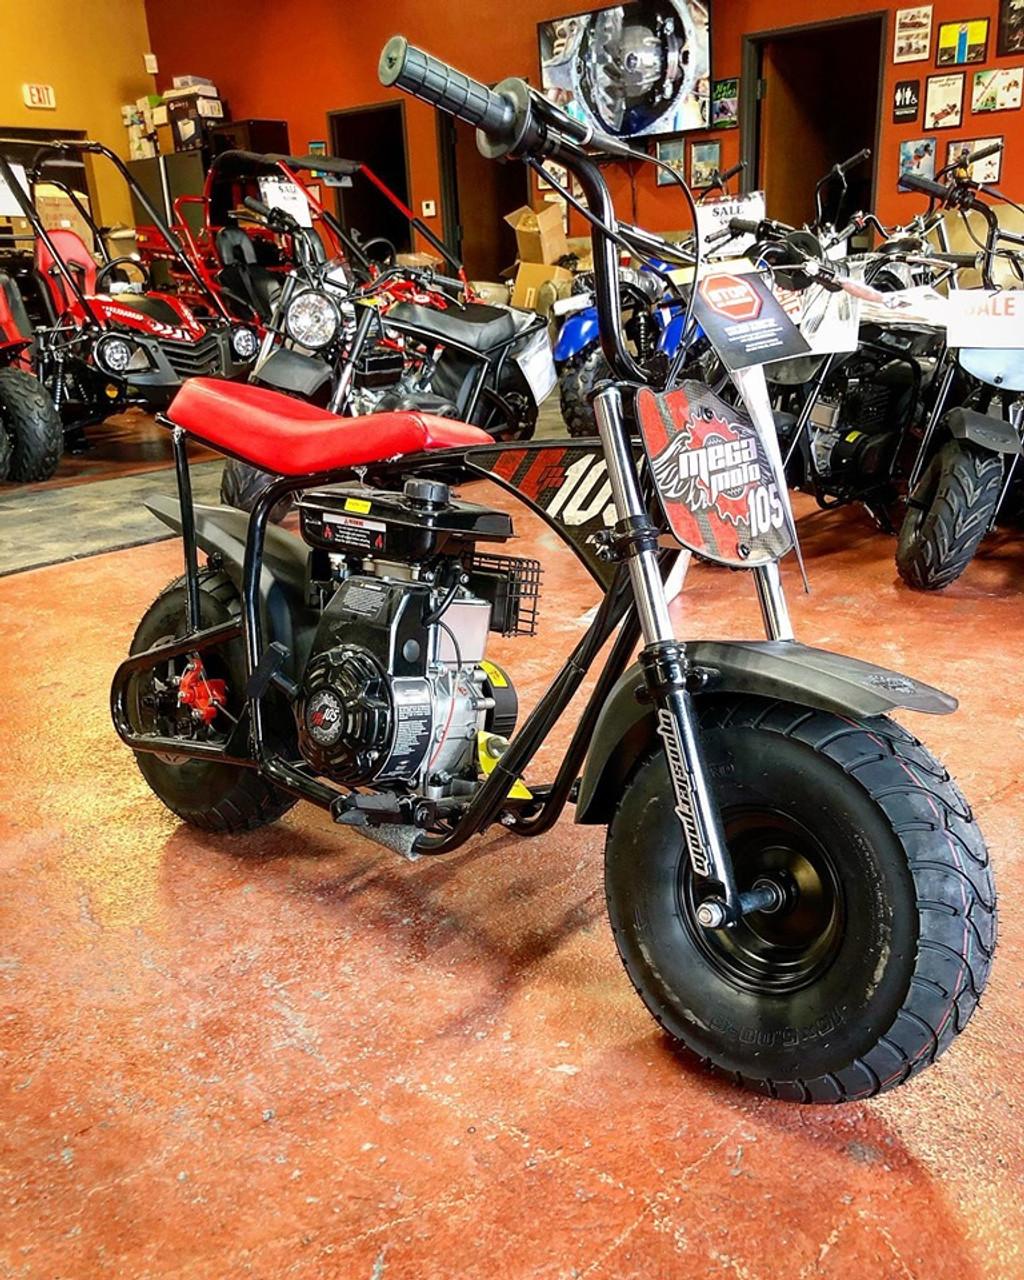 Motovox Mini Bike Parts : motovox, parts, Motovox, Tires